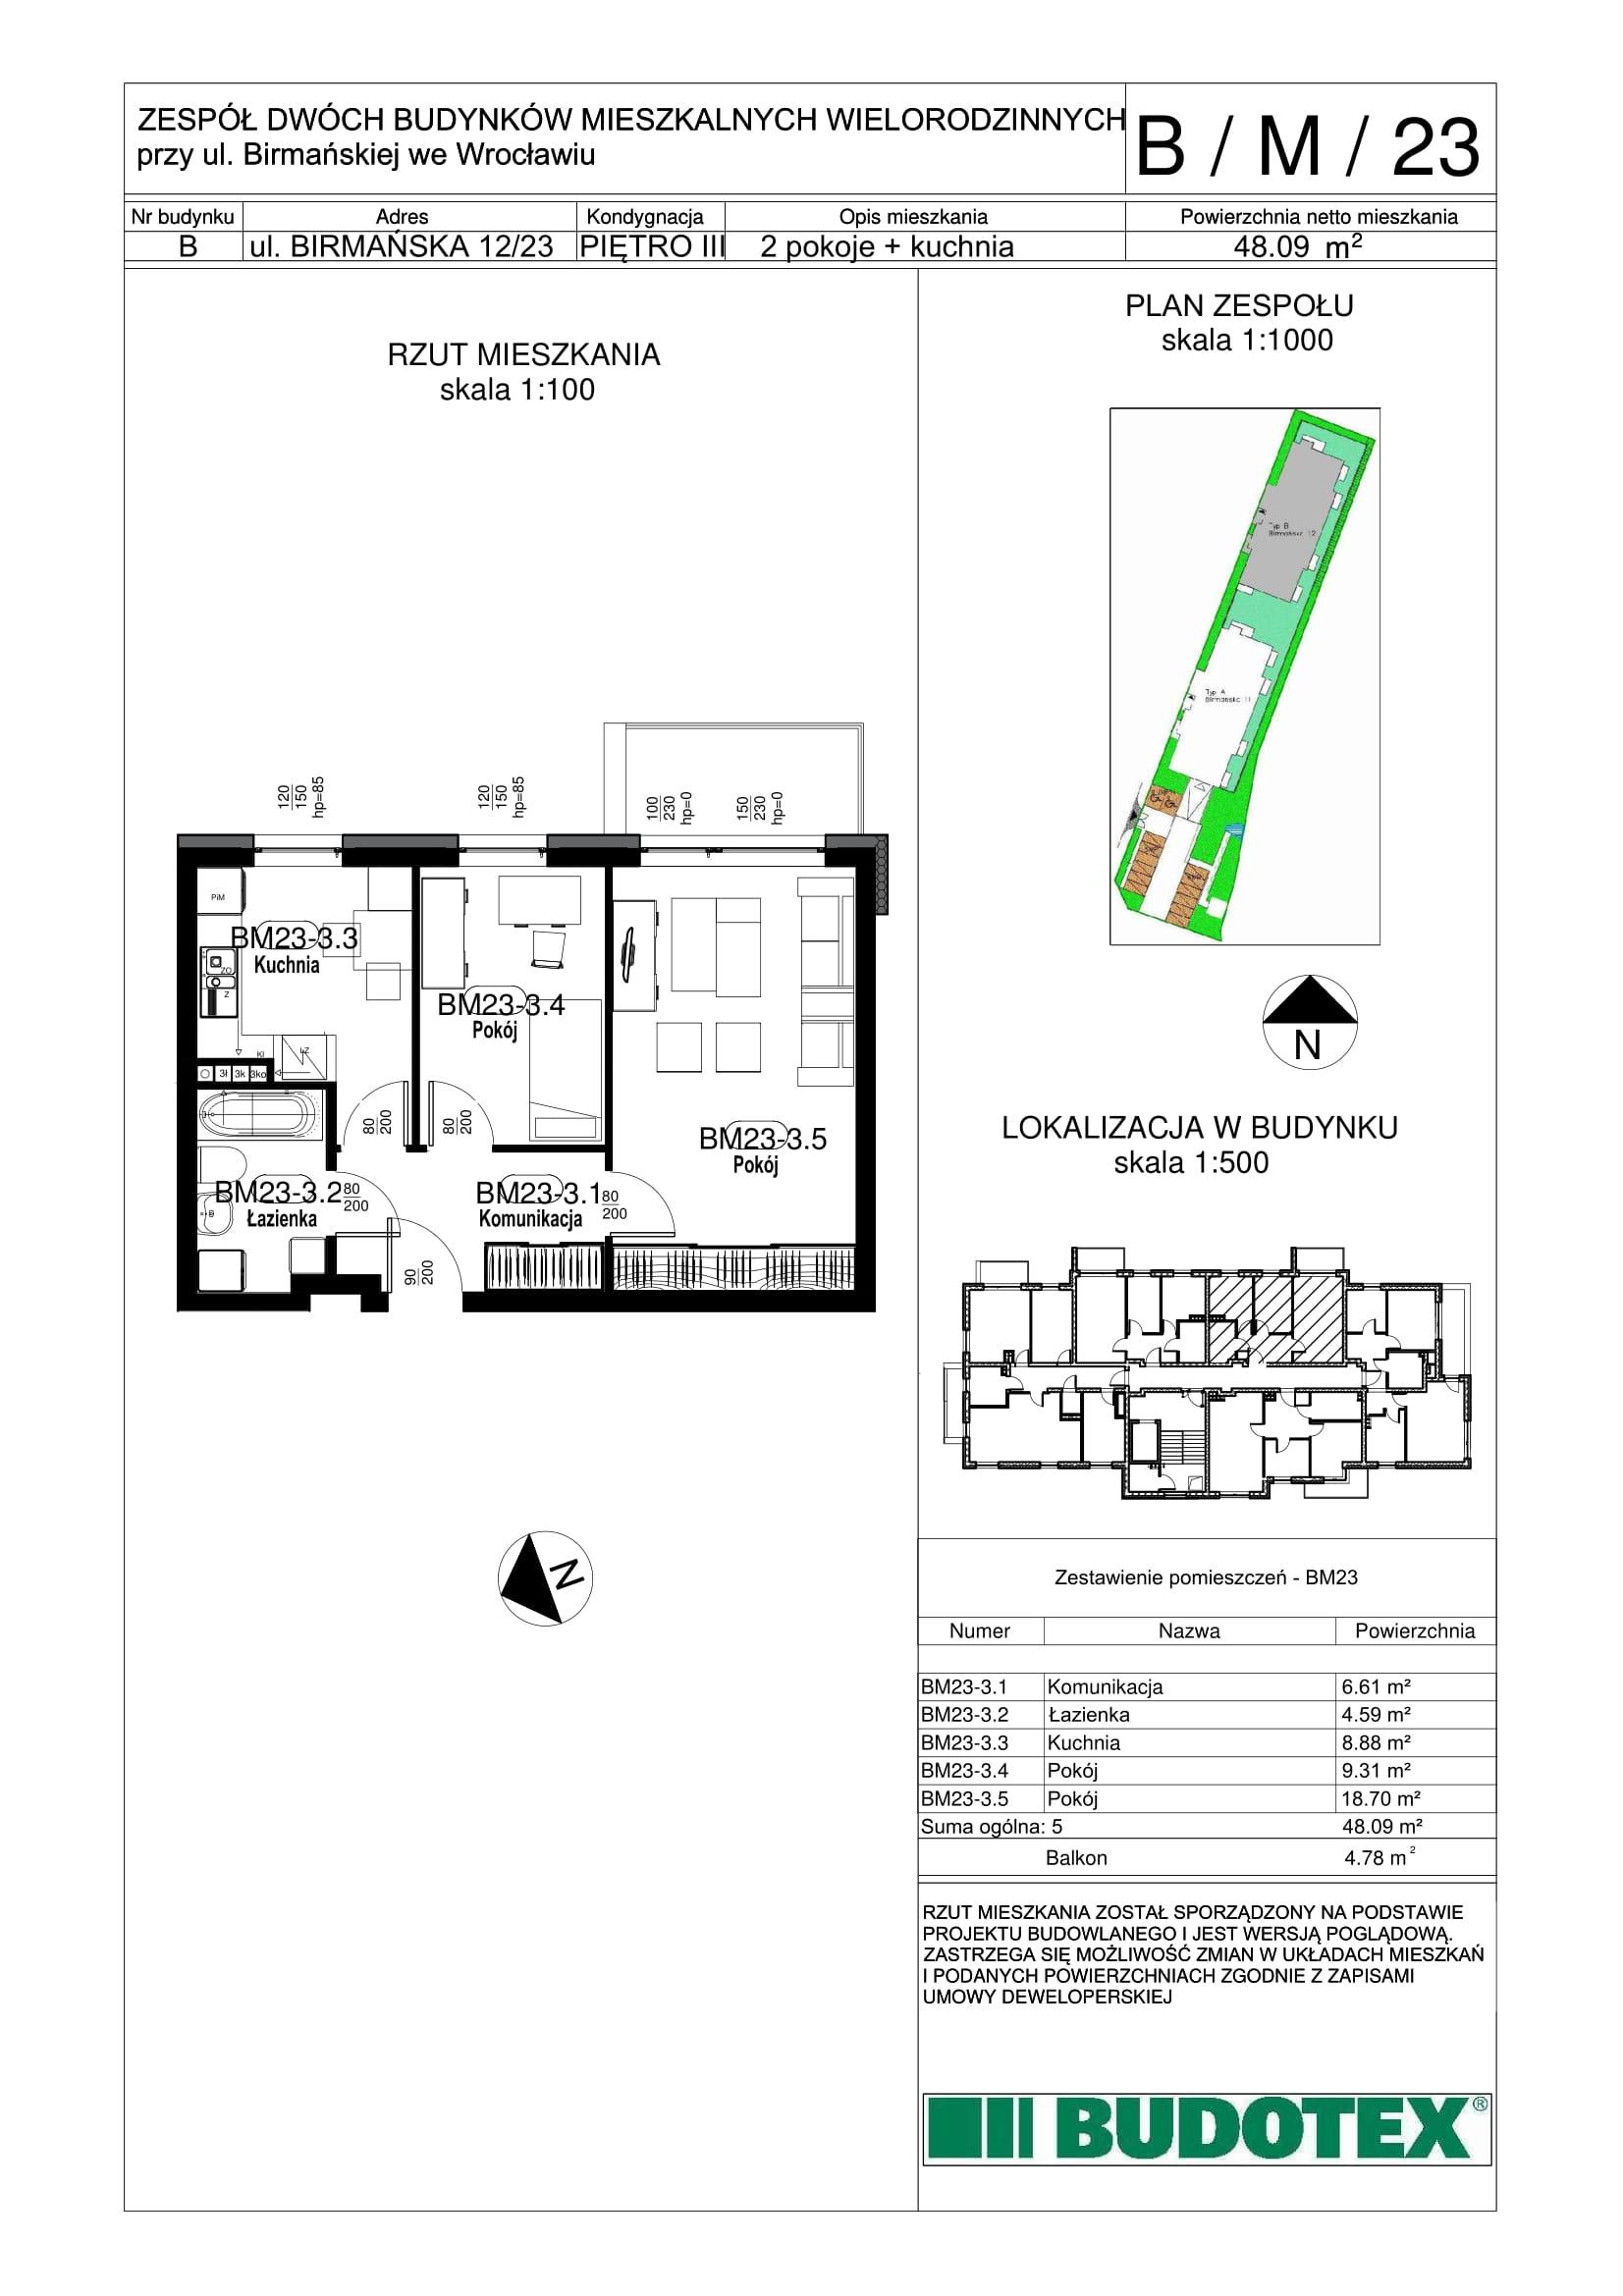 Mieszkanie nr B/M/23